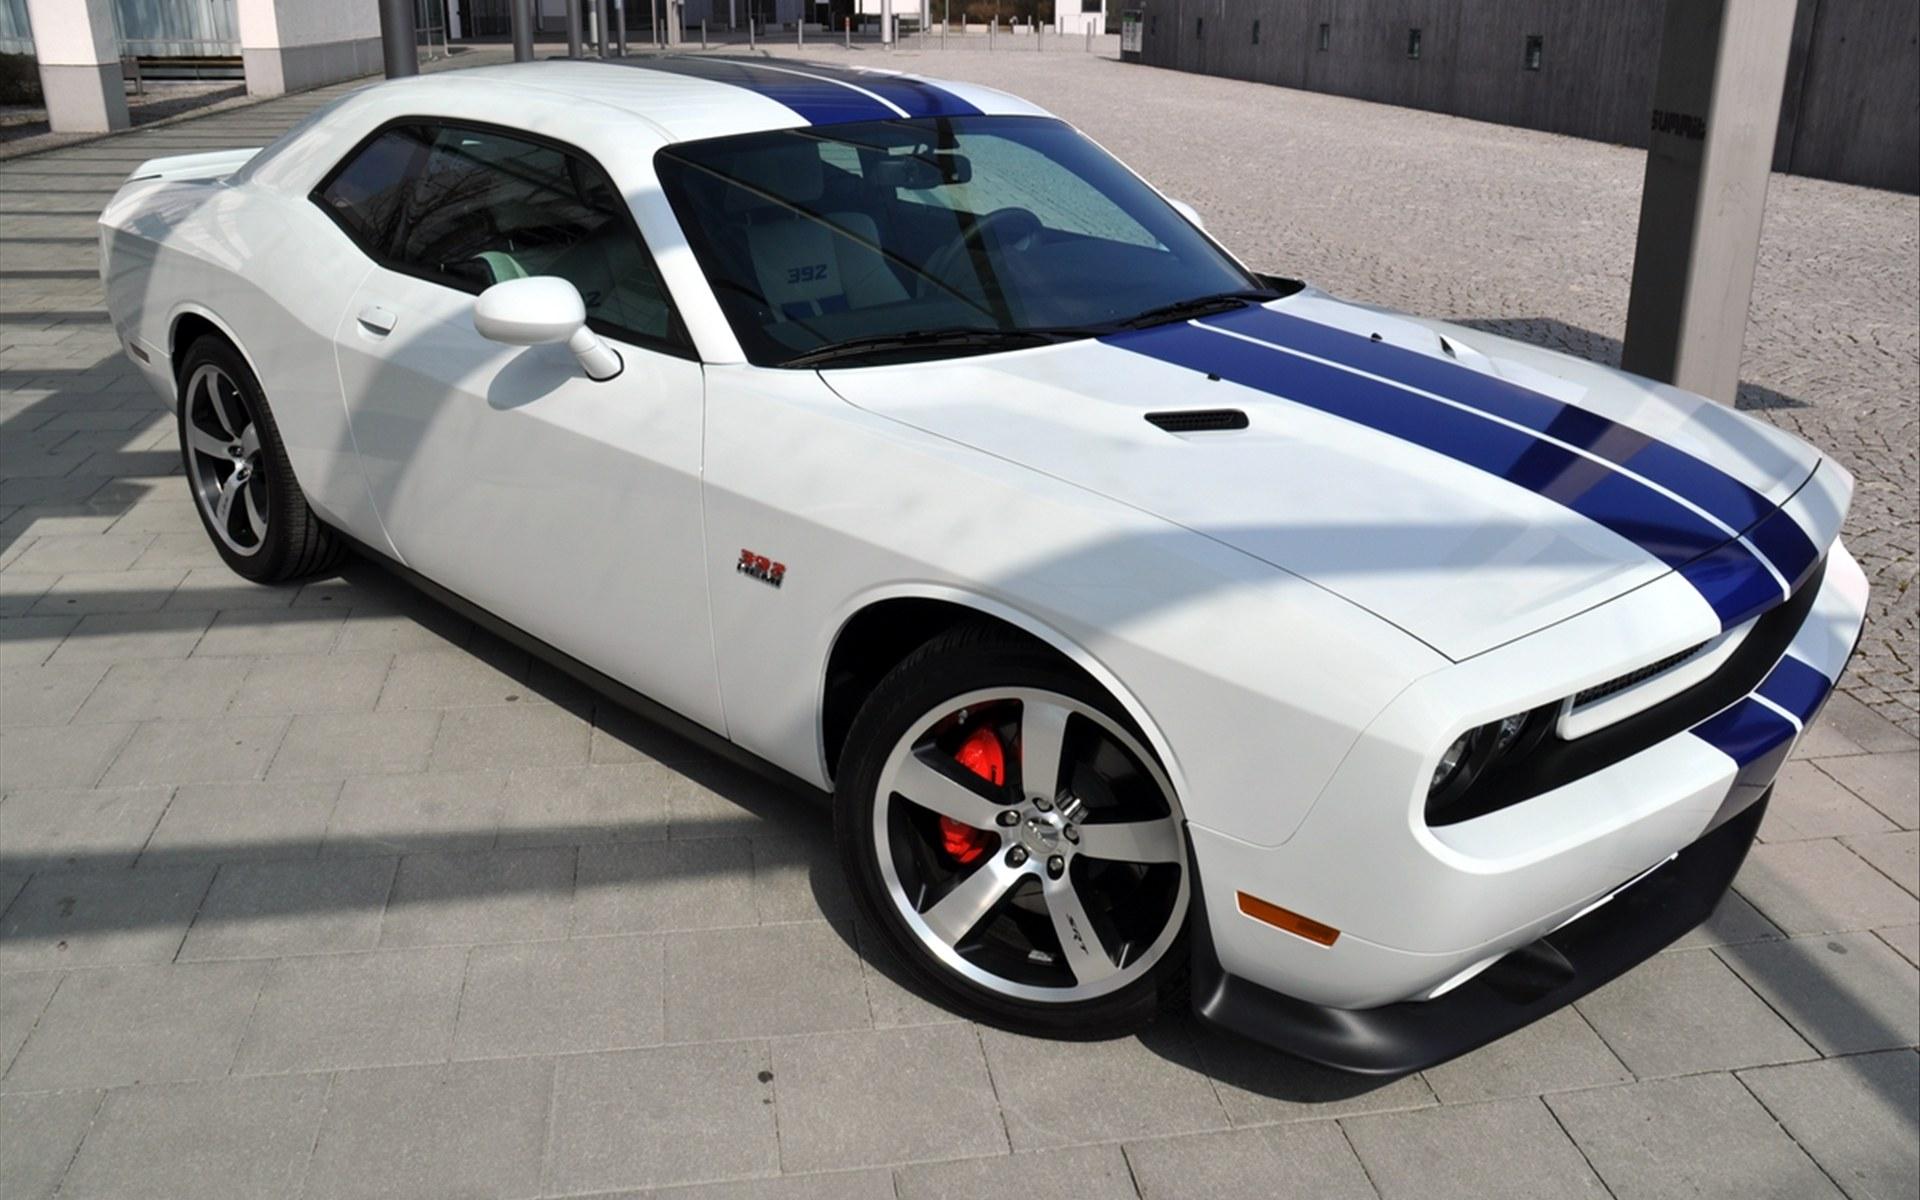 White Dodge Challenger Wallpaper